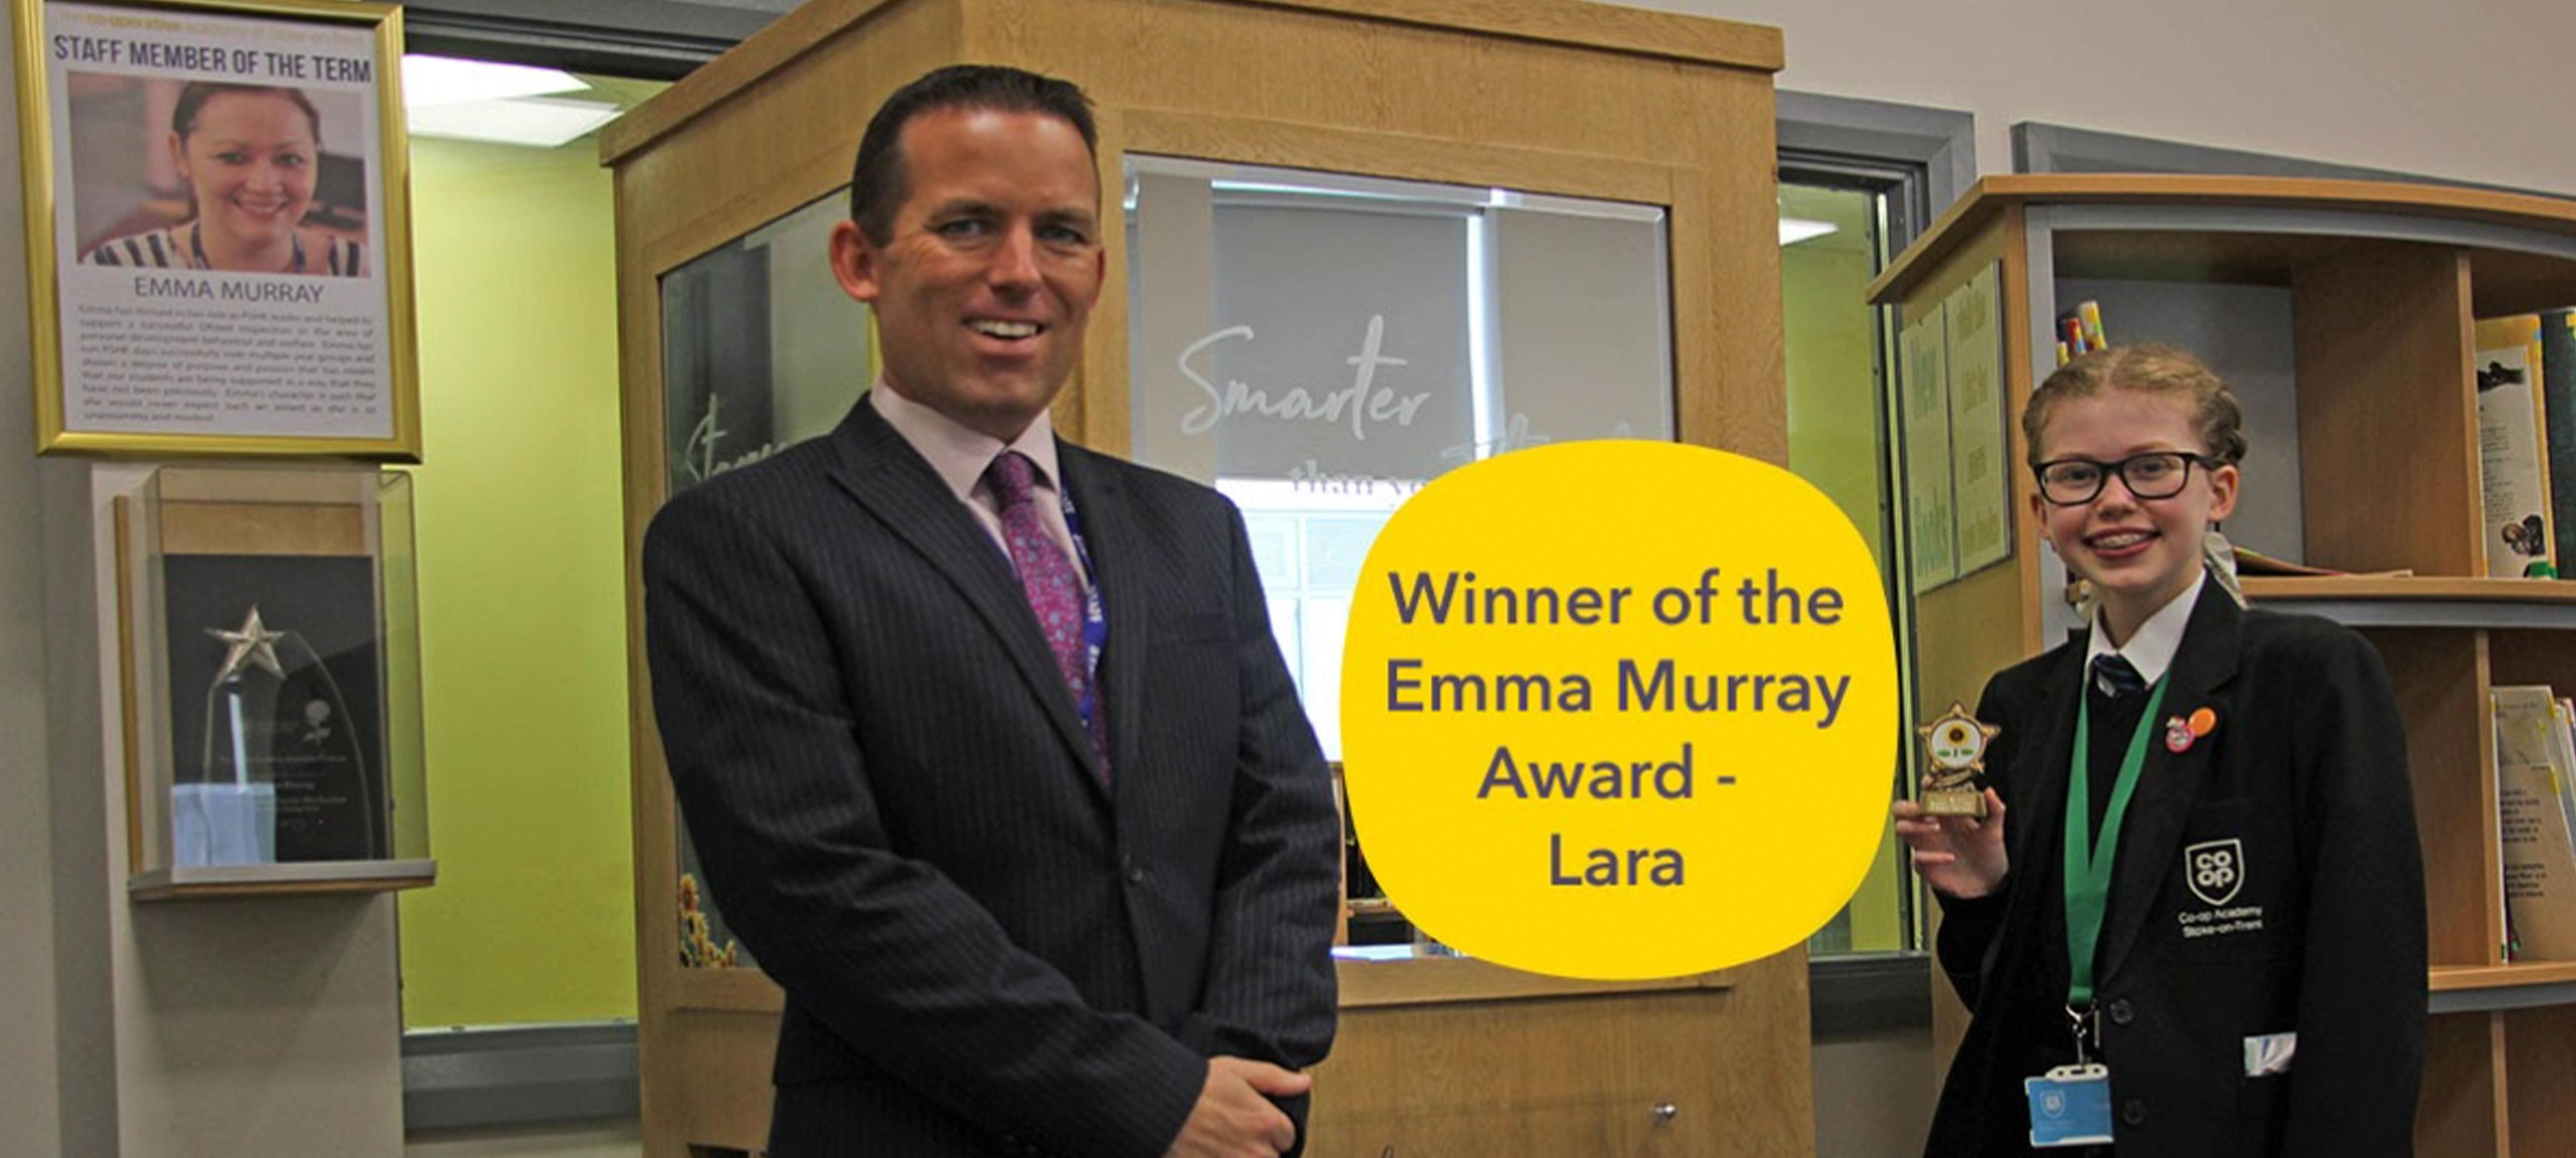 Lara receives the Emma Murray Award